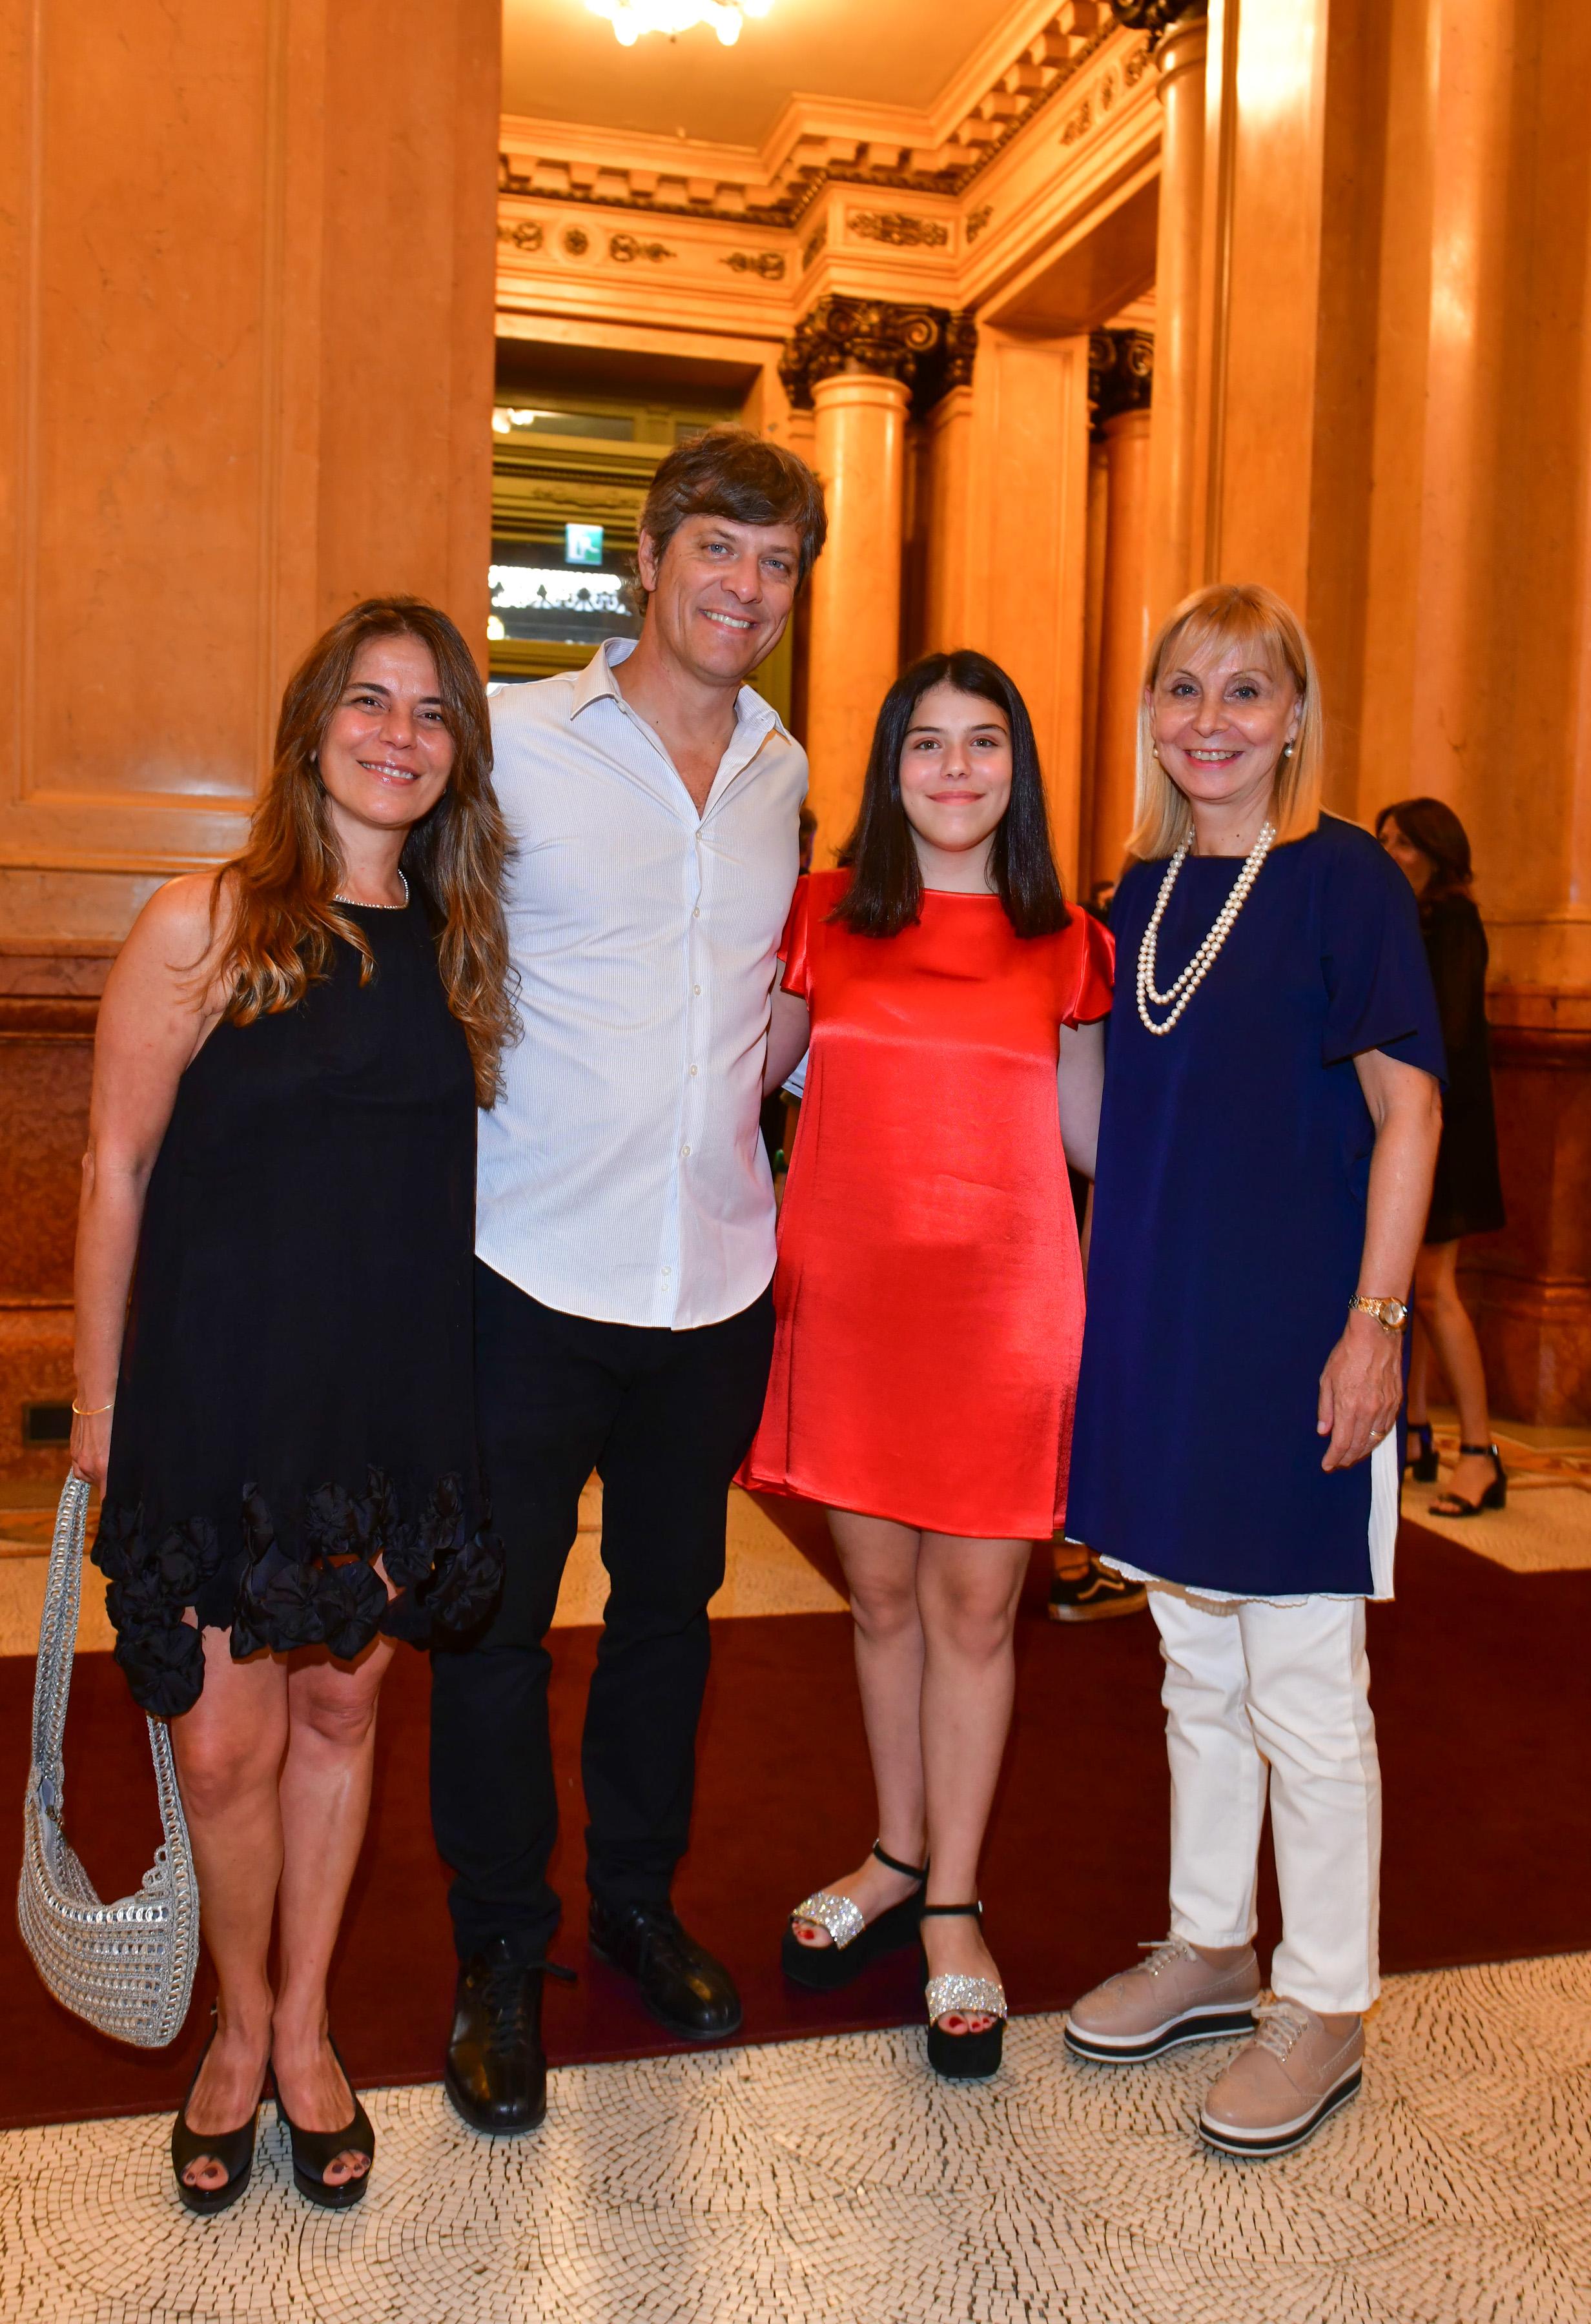 Mario Pergolini y su mujer Dolores Galán junto a su hija Valentina Pergolini y la directora general del Teatro Colón, María Victoria Alcaraz